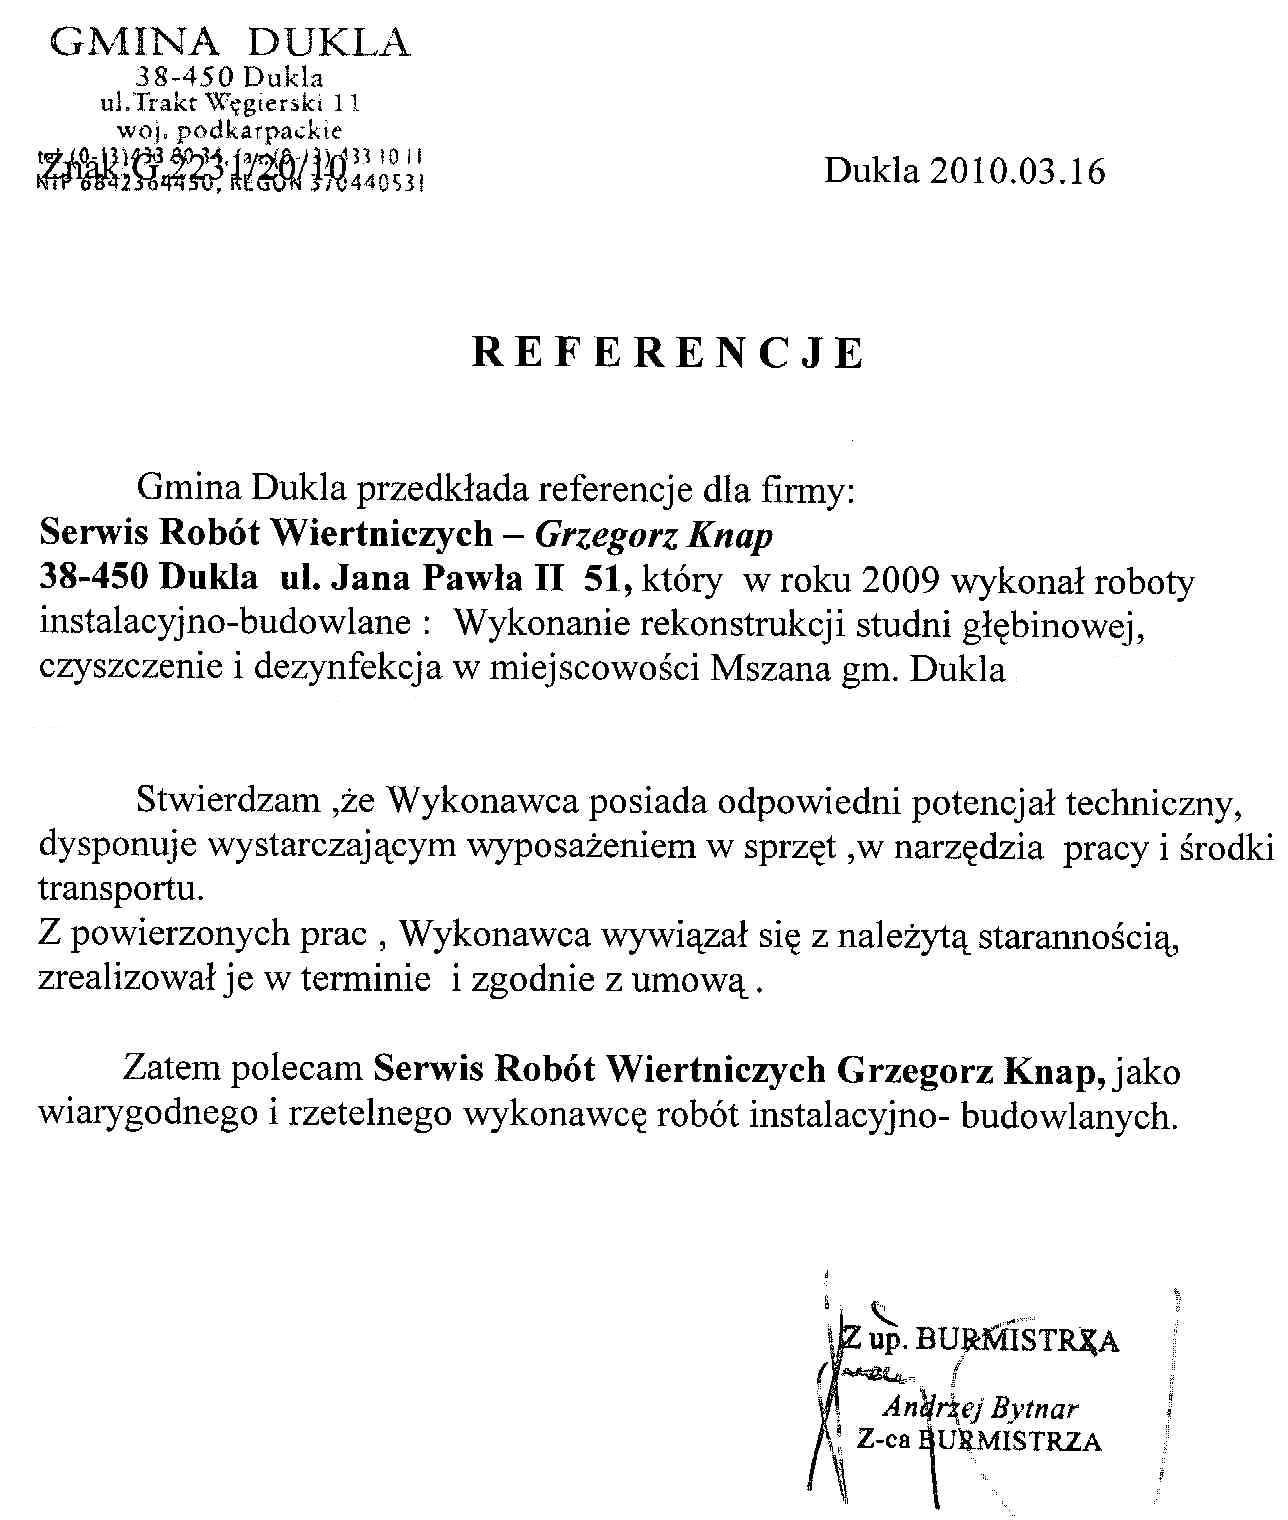 Referencje dla Serwis Robót Wiertnicznych miejscowość Mszana gm.Dukla